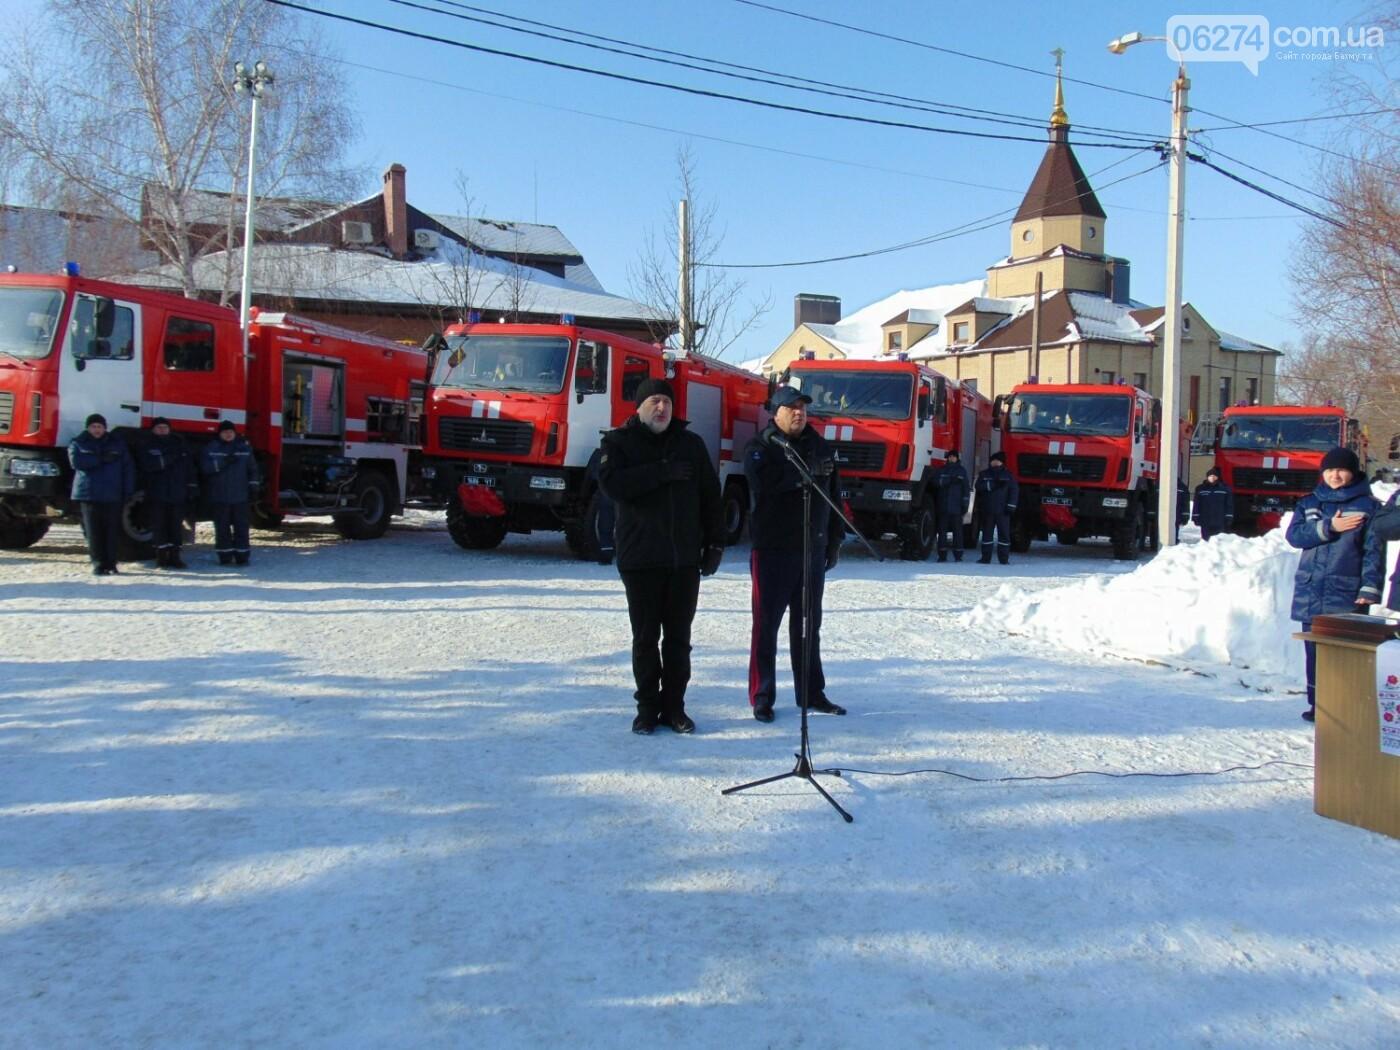 Спасателям Бахмута передали новые пожарные машины и инженерную технику, фото-1